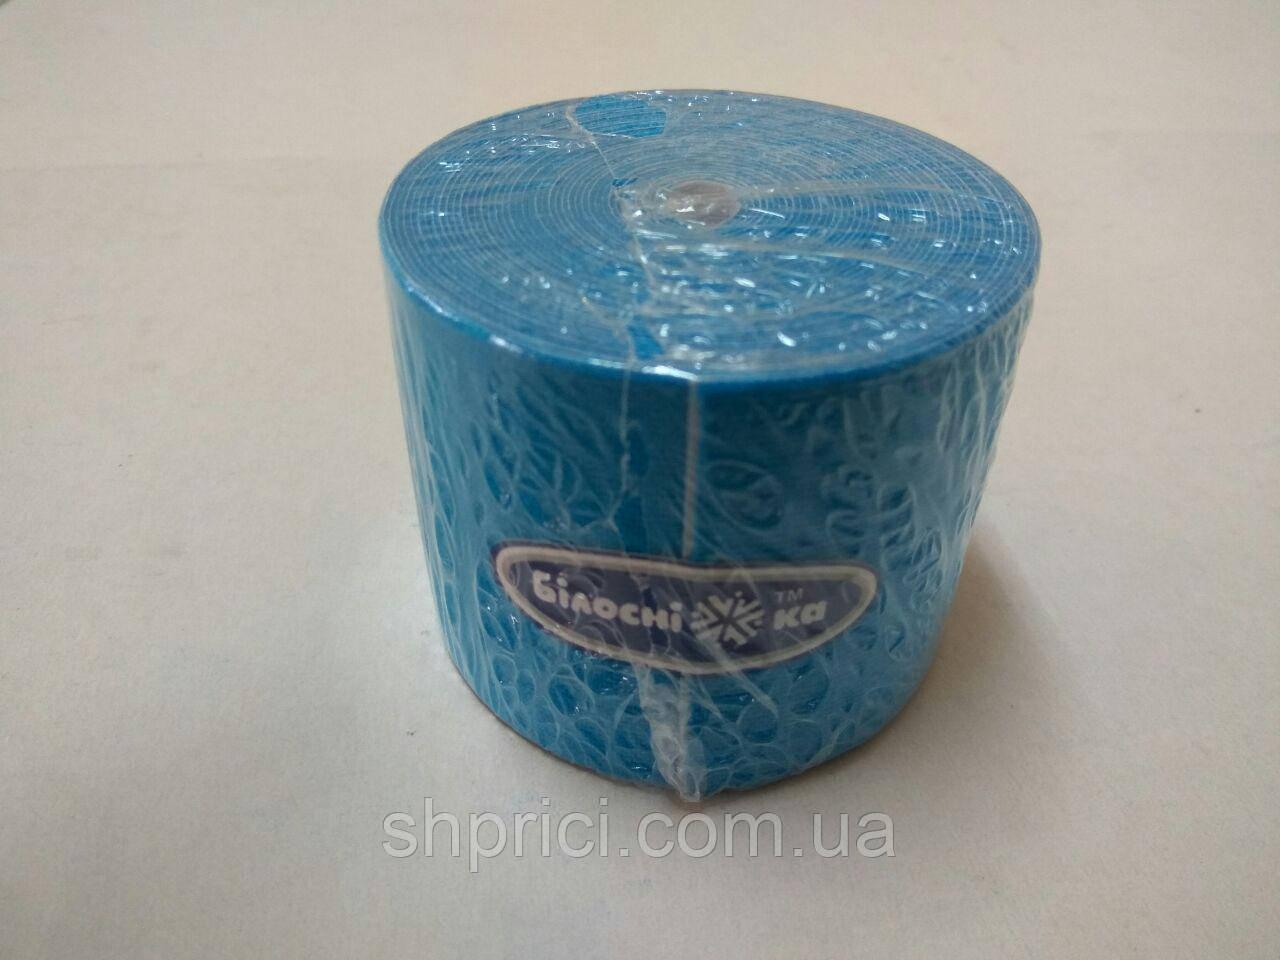 Бинт эластичный малой растяжимости адгезивный 5см х 5м, синий  Кинезио тейп/ Белоснежка